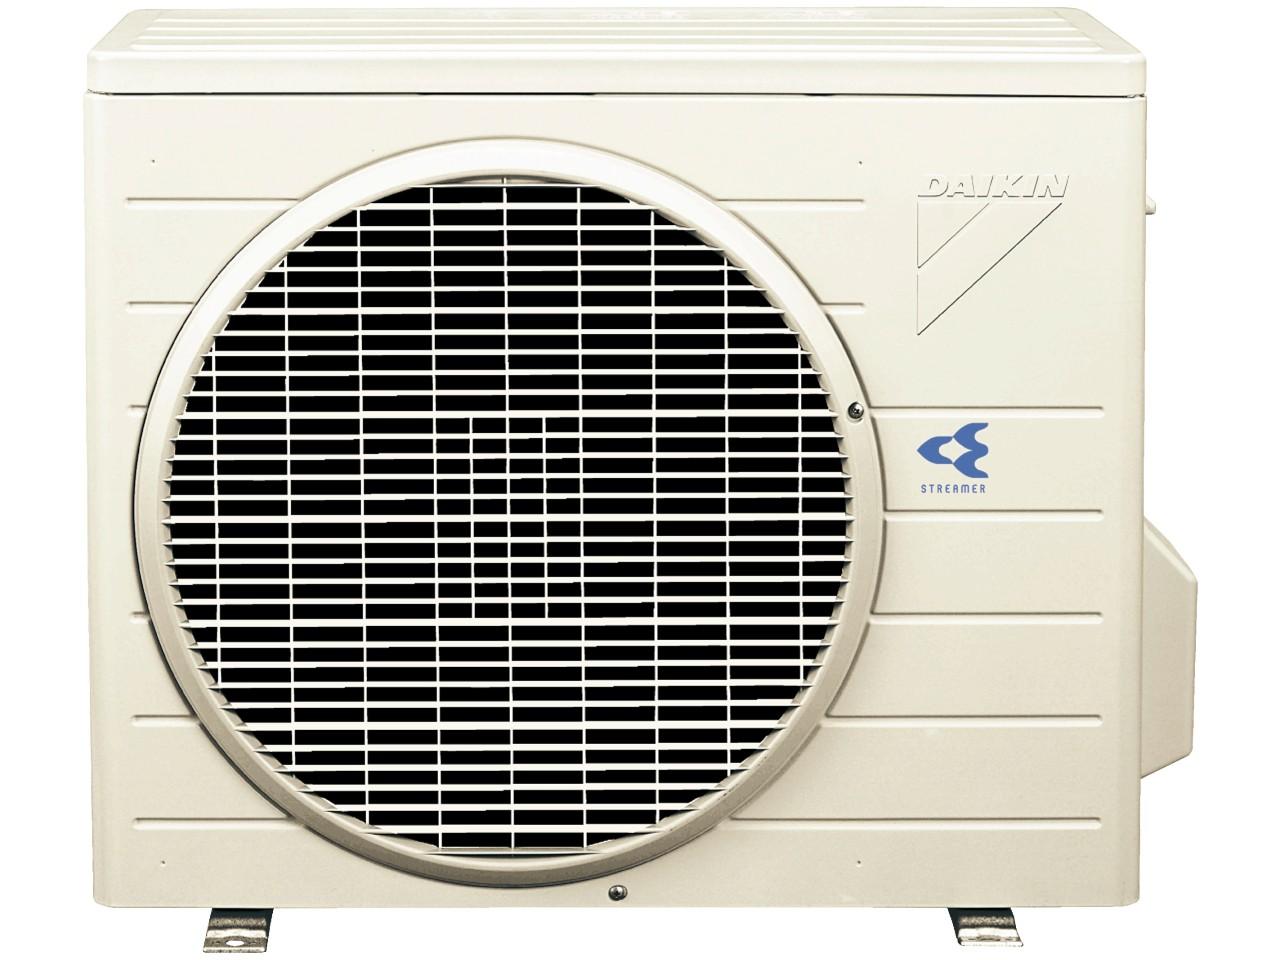 『室外機』 S22NTES-W [ホワイト] の製品画像